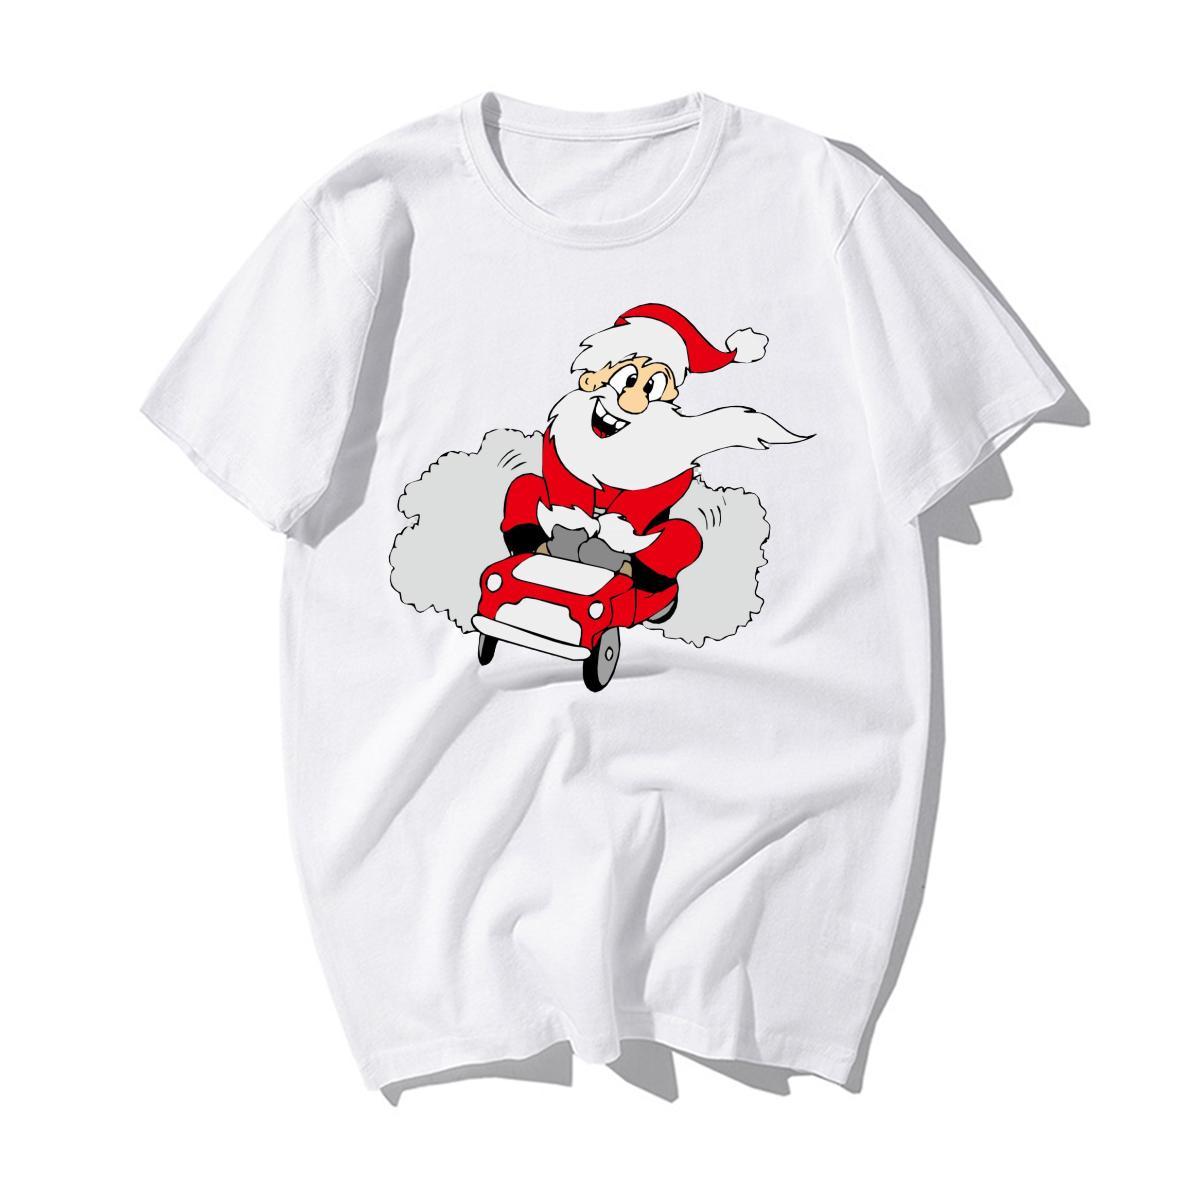 Mode Cartoon Père Noël driveing voiture coton Imprimer T-shirts Joyeux Noël T-shirts Hommes Casual Bonne année Noël T-shirts